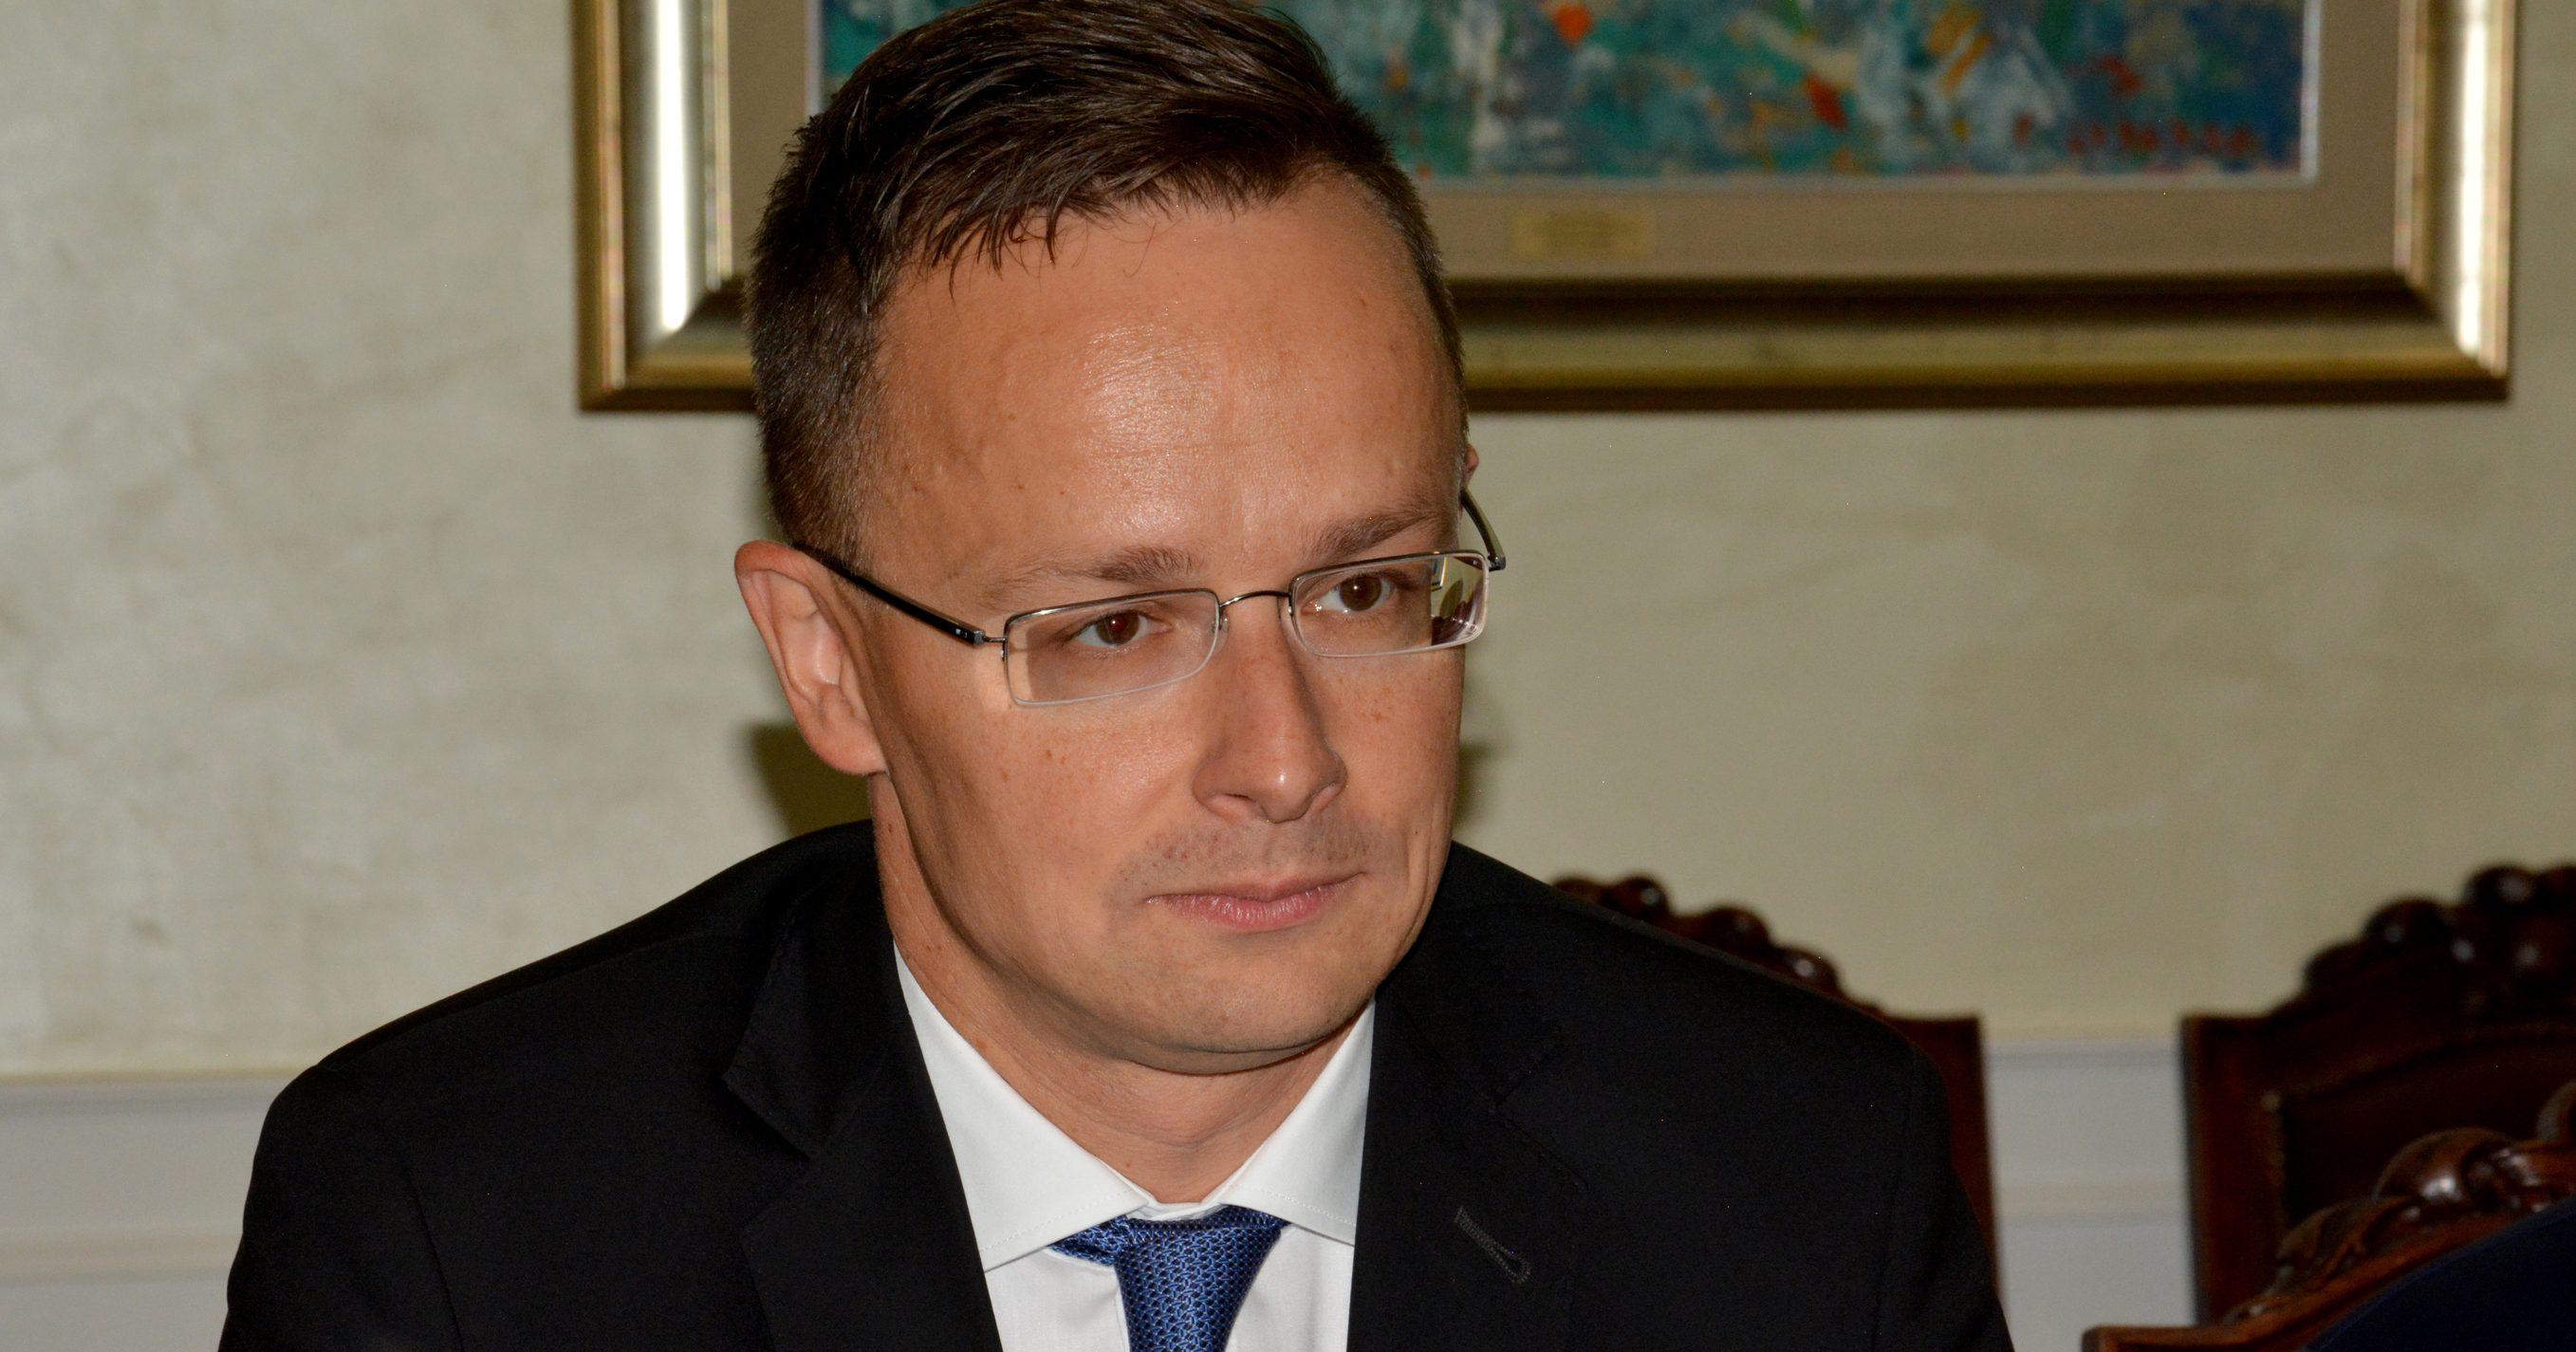 Дисскусии по теме: Размечтались: Украина заявила о планах на использование